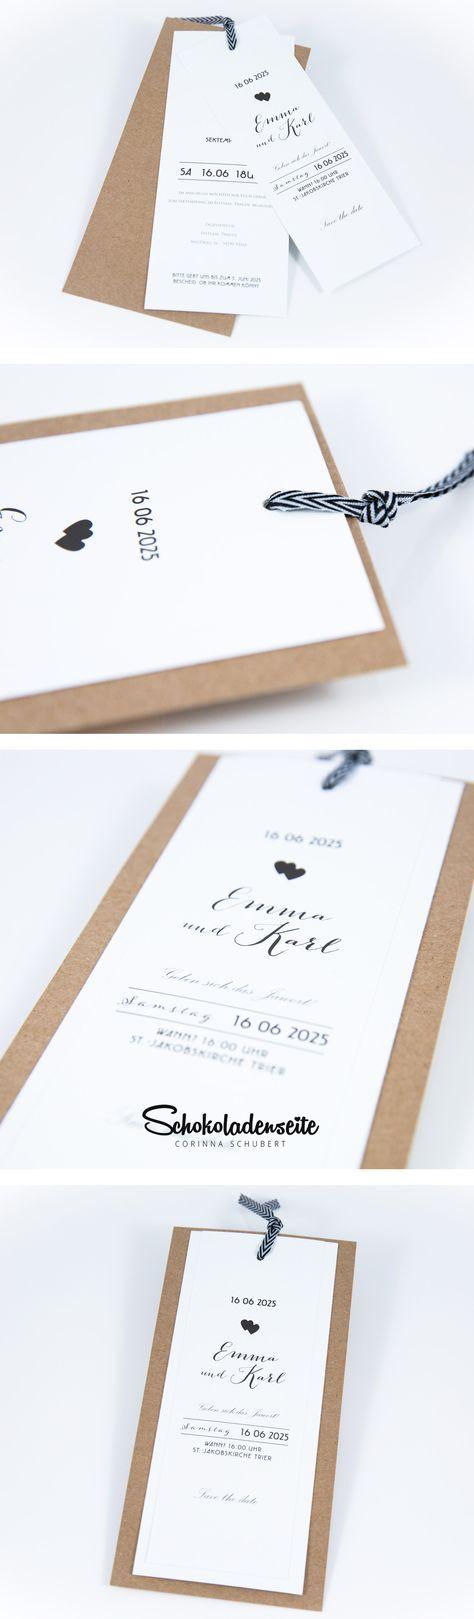 Diese und viele weitere wunderschöne #hochzeitskarten findet ihr in unserem Onlineshop #schokoladenseitekarten Wir freuen uns auf Euren Besuch. #love #wedding #beautiful #invitation #weddingcards #weddinginvitation #hochzeitseinladung #einladungskarte #hochzeit #weddingplanner #vintage #gold #cute #lettercakegeburtstag